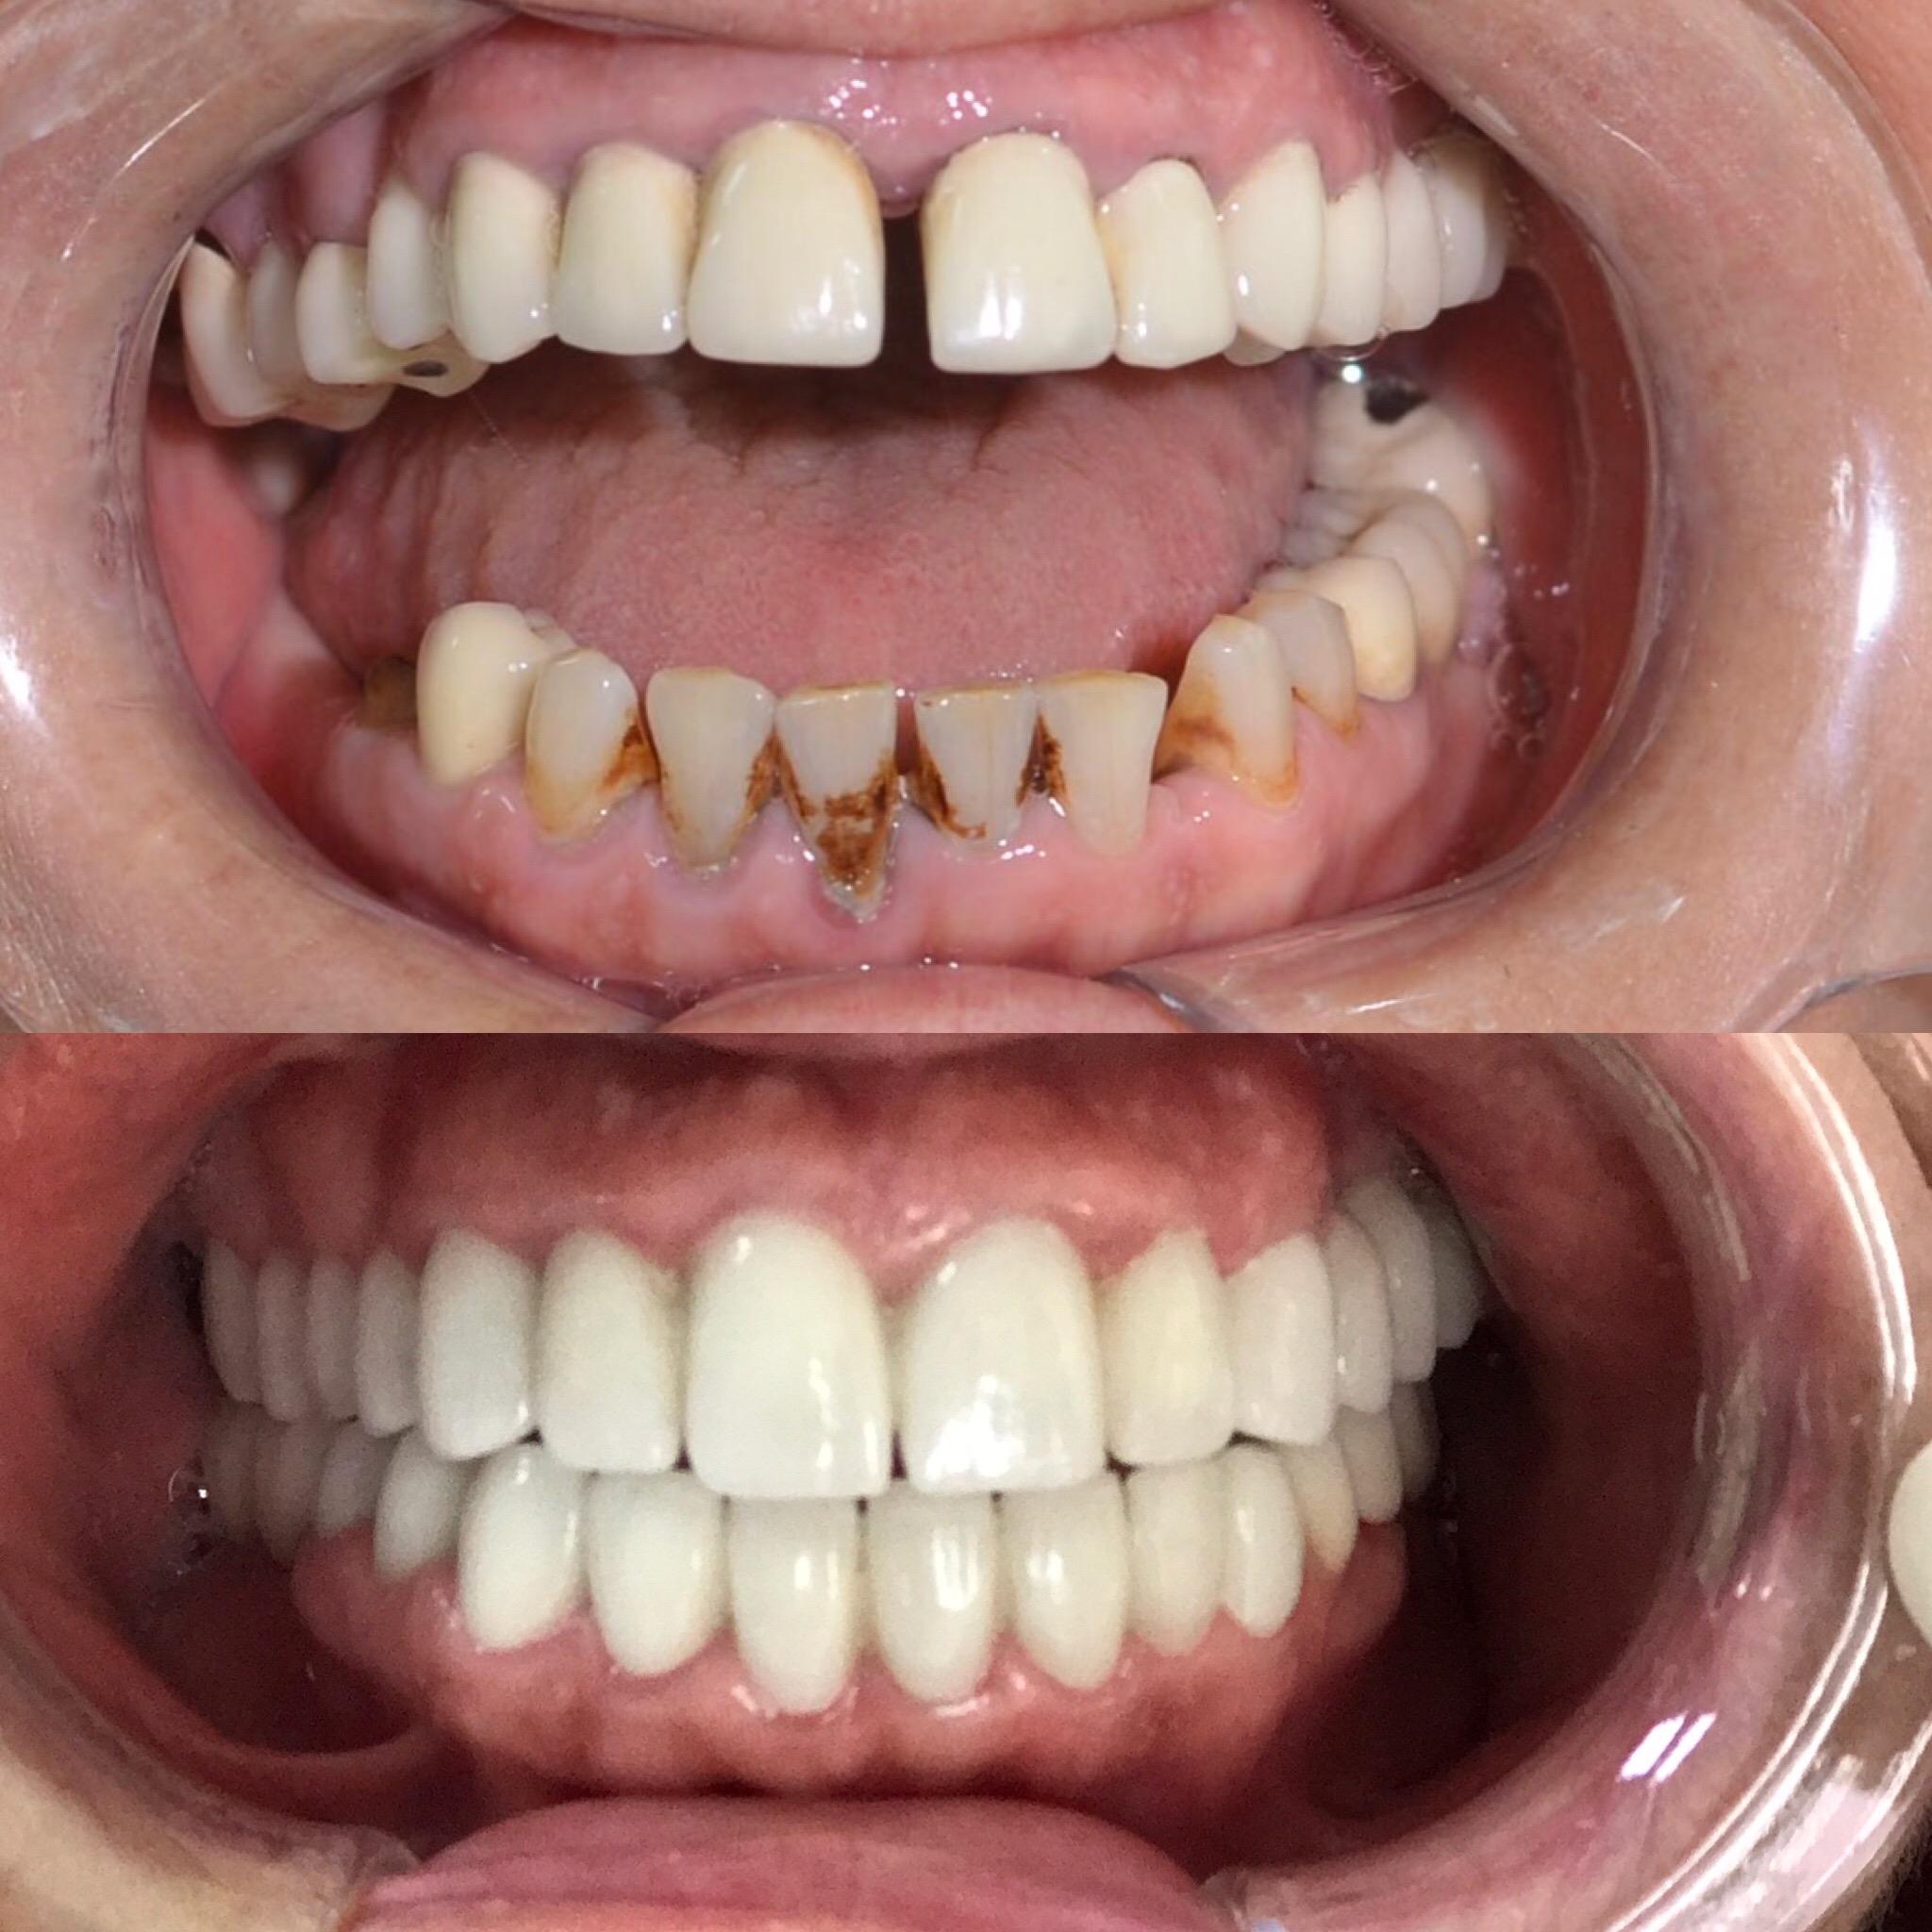 zirkonyum diş, zirkonyum dişin iyi yönleri, zirkonyum diş kaplaması